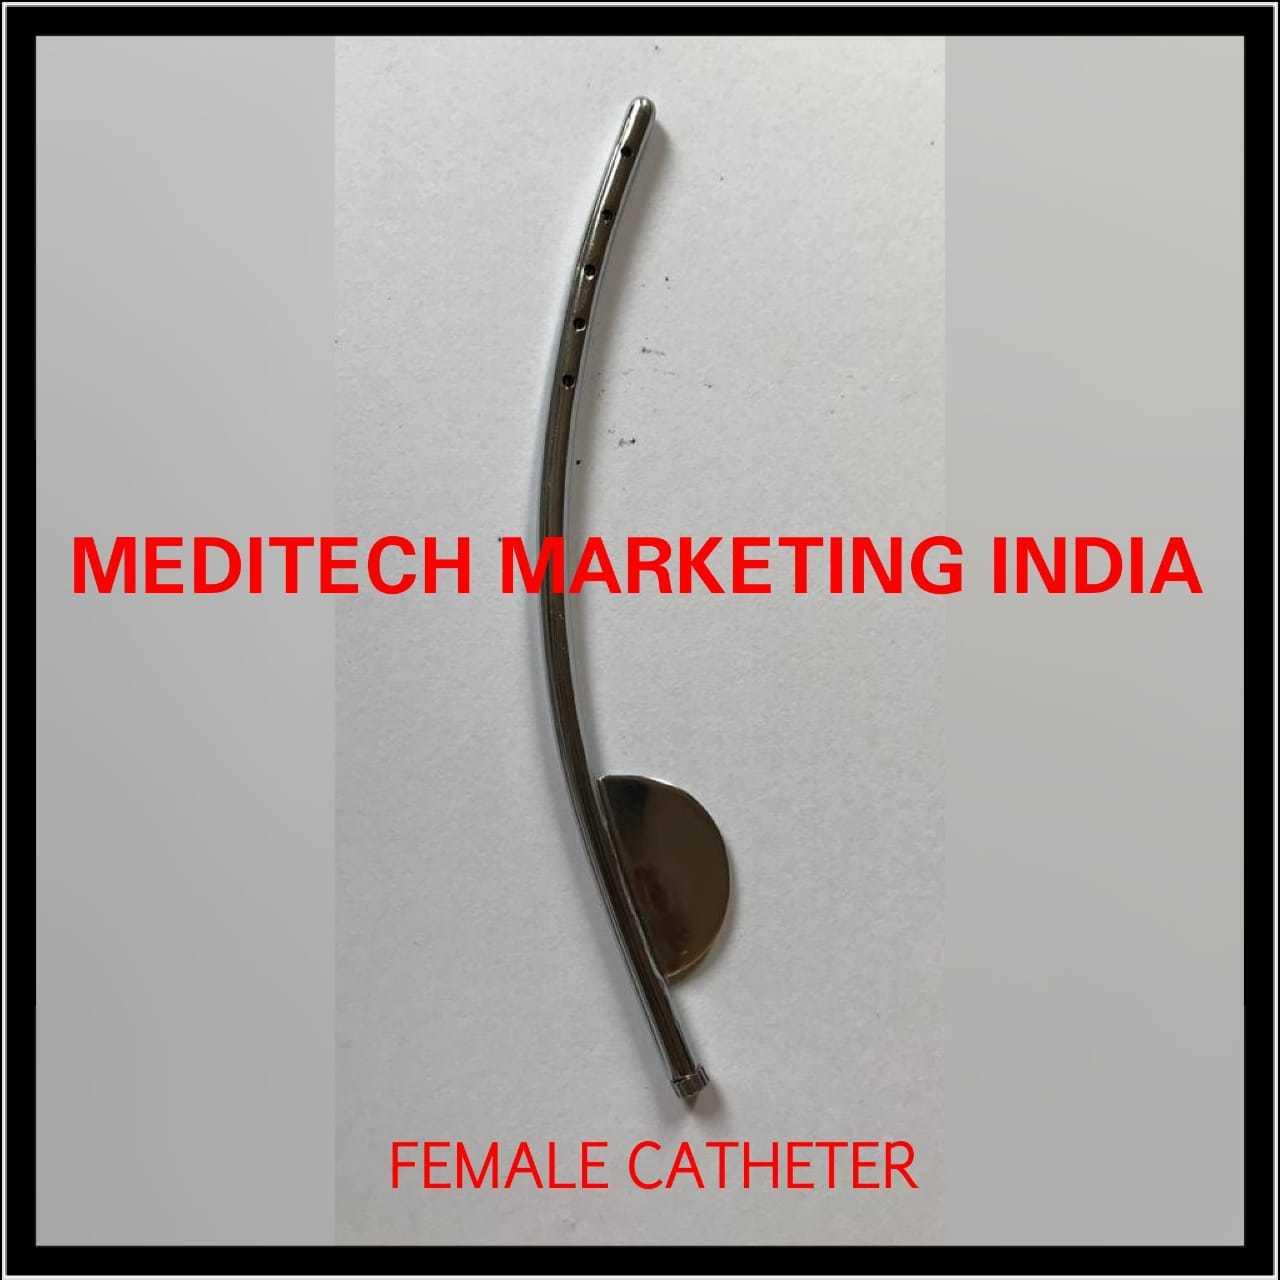 FEMALE CATHETER